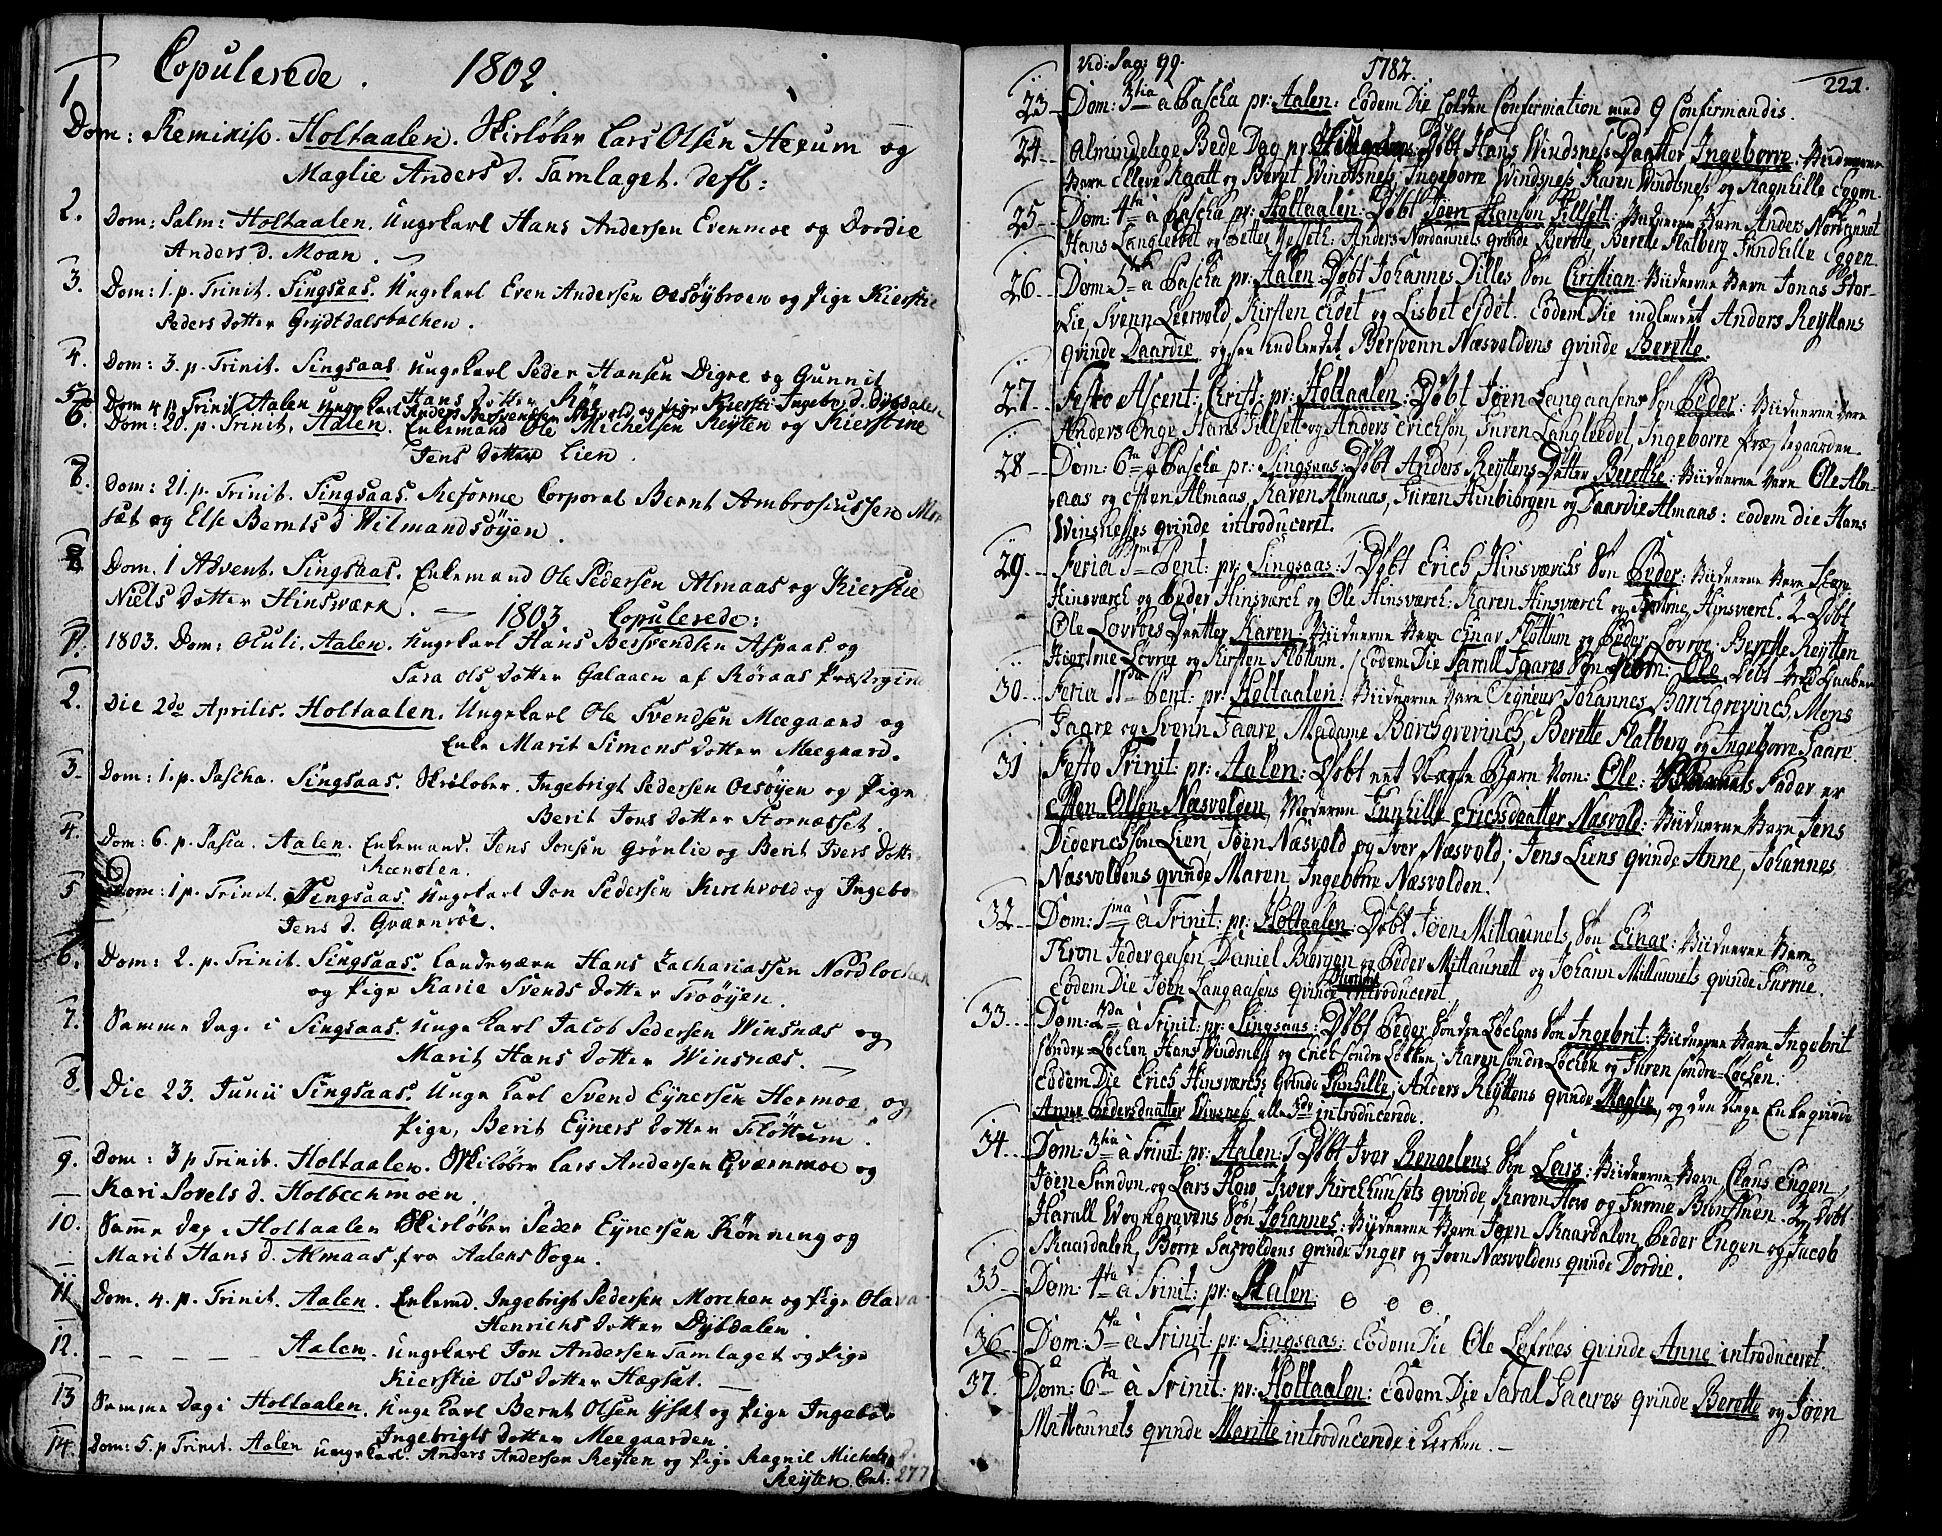 SAT, Ministerialprotokoller, klokkerbøker og fødselsregistre - Sør-Trøndelag, 685/L0952: Ministerialbok nr. 685A01, 1745-1804, s. 221